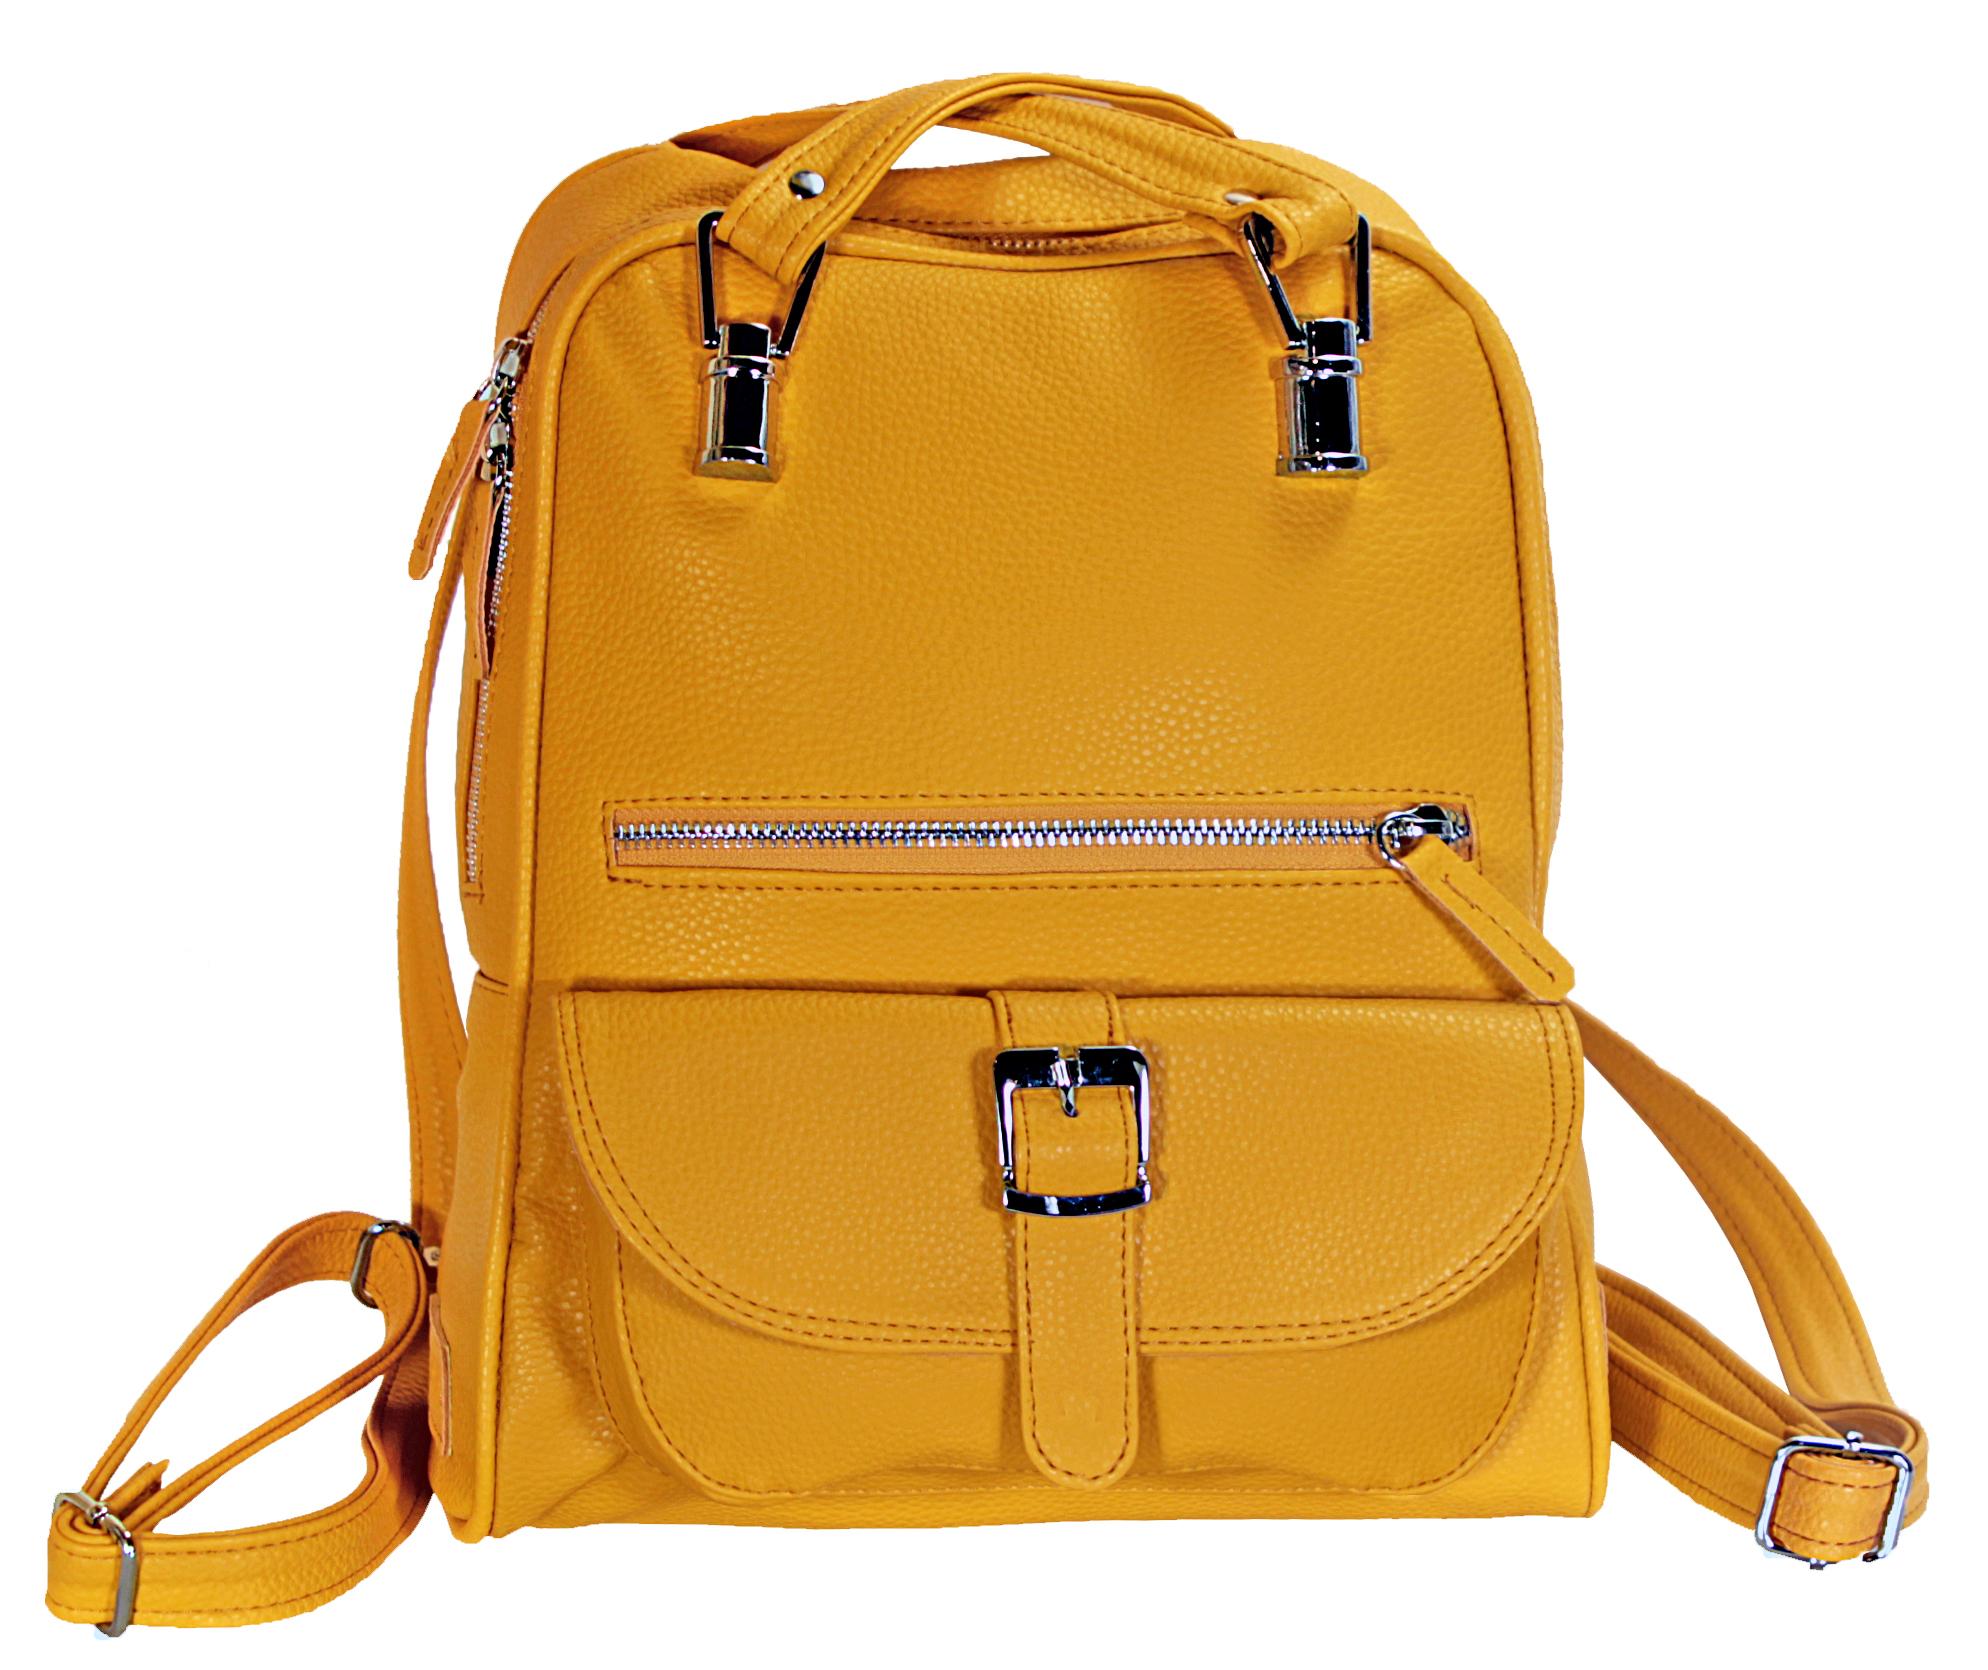 Multifunkční batůžek ve žluté barvě 11-10237-yellow